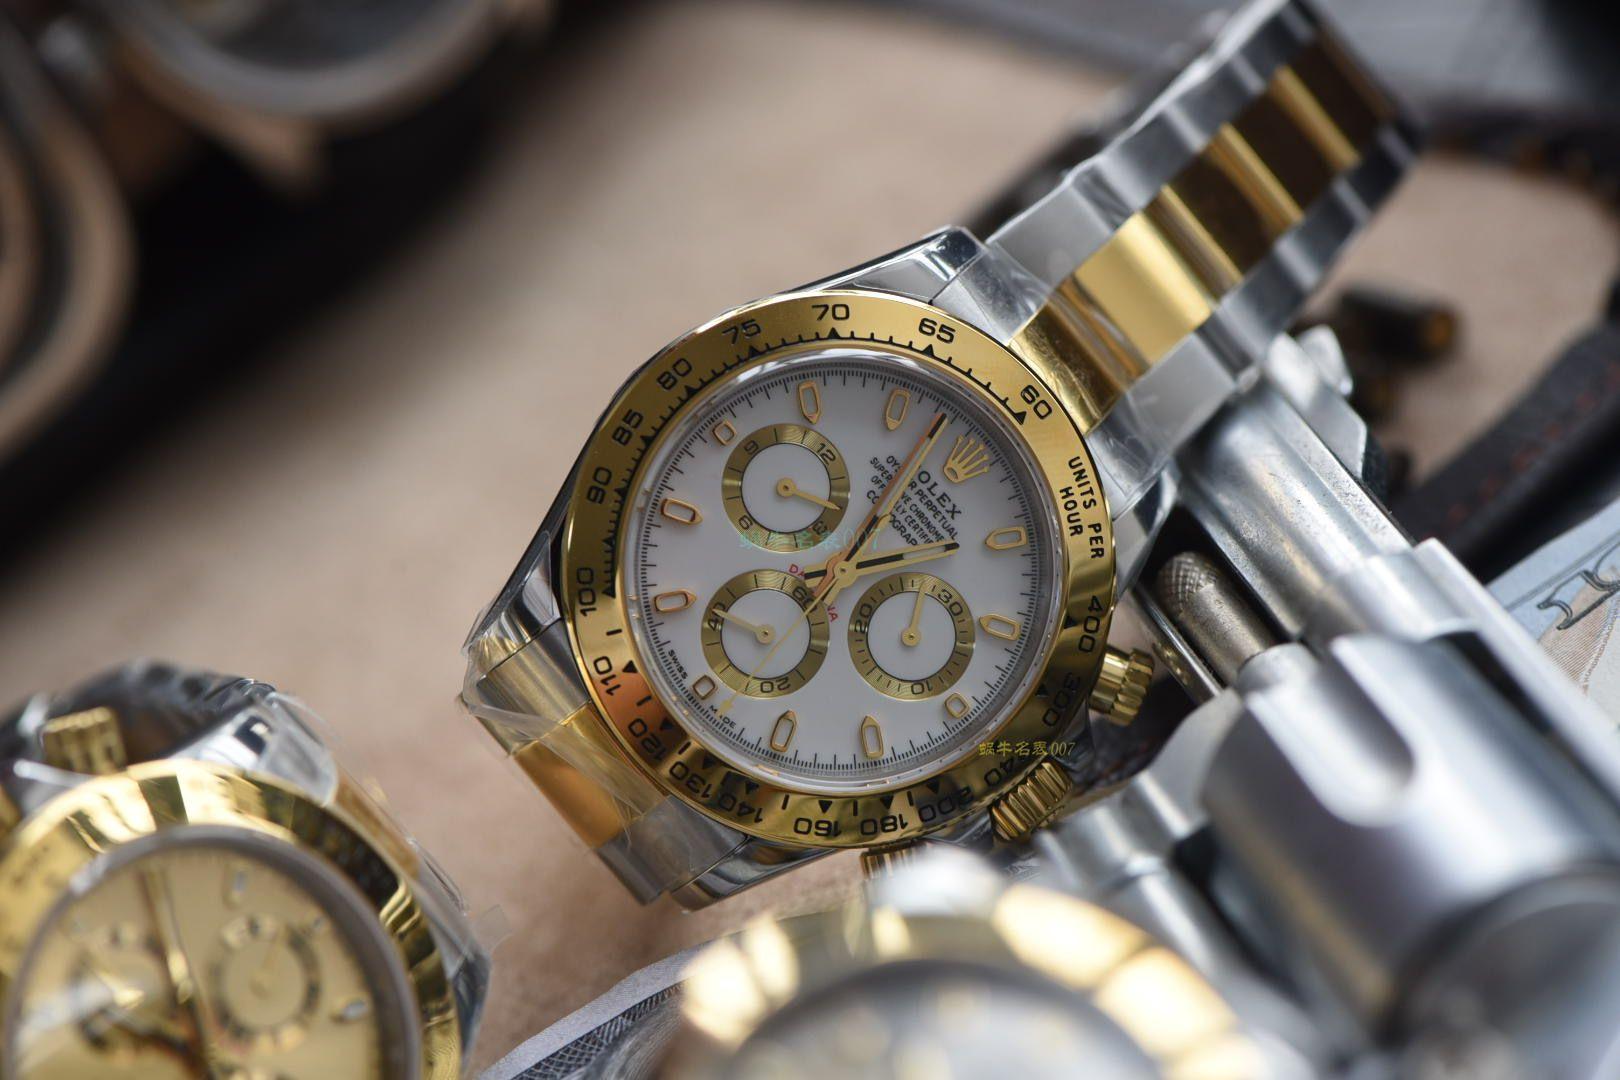 【N厂顶级复刻手表间金4130】劳力士宇宙计型迪通拿系列116523-78593 银色腕表 / R568